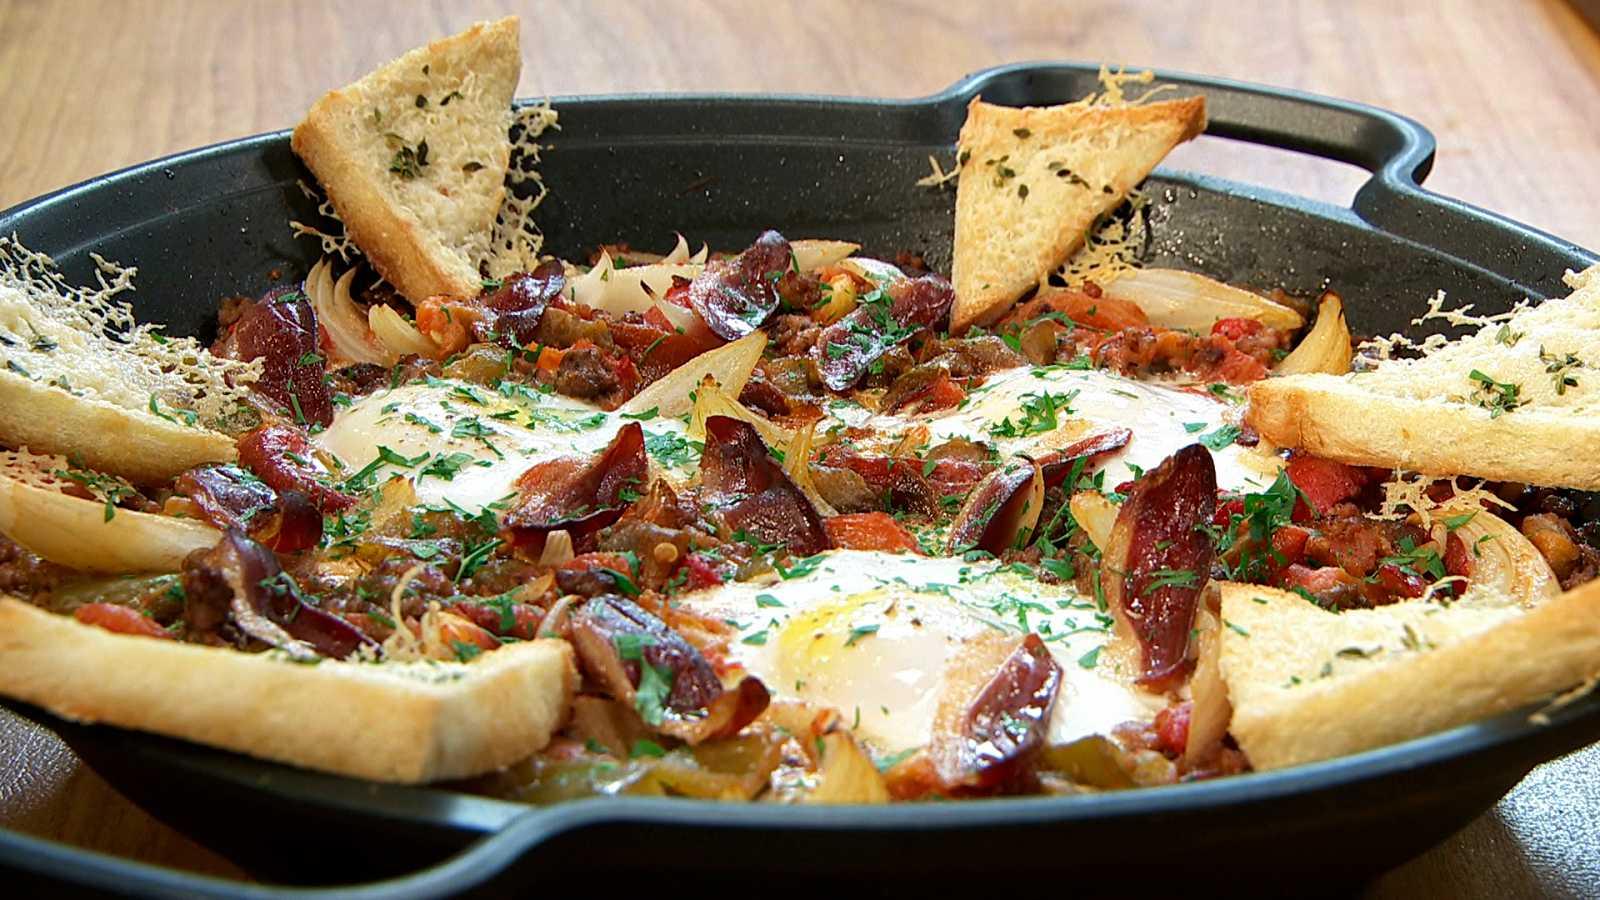 Torres en la cocina - Huevos al horno con verduras